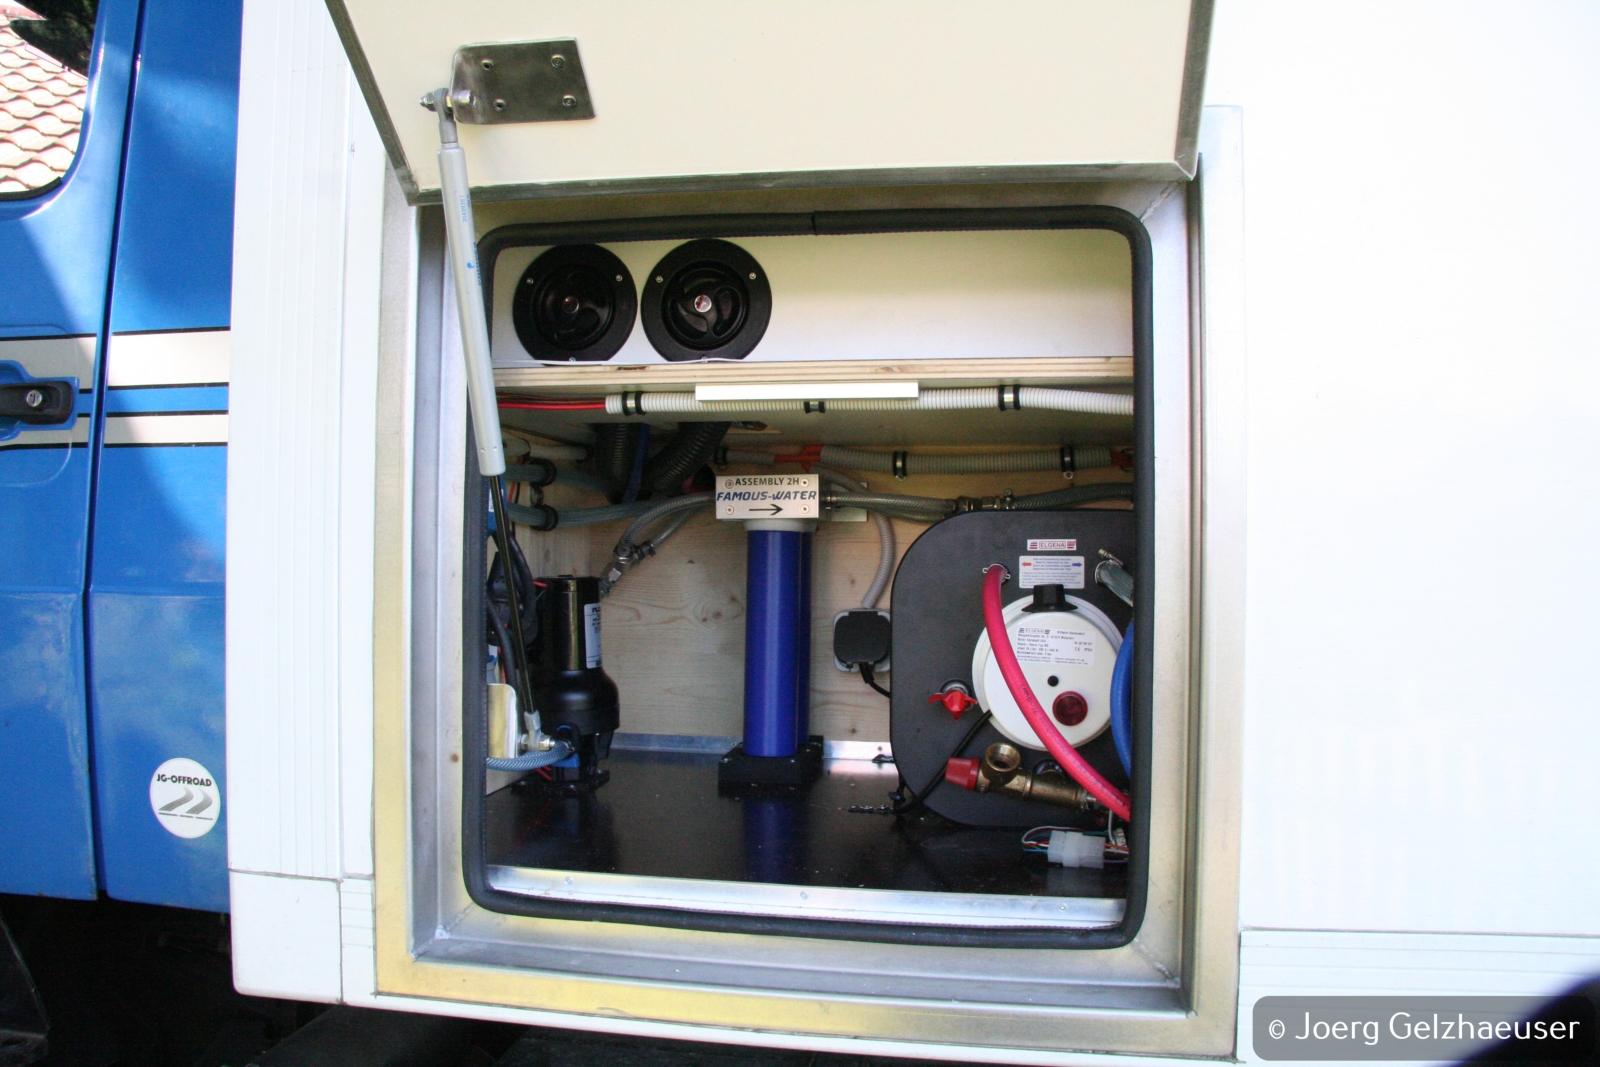 Unimog - Das universelle Motor-(Fernreise)-Gerät - Wasserversorgung mit Druckwasserpumpe, Wasserfilter und Boiler. Befüllstutzen sind innenliegend, getrennte Befüllung und Entnahmeder Wassertanks. Boiler für Warmwasser anfangs noch über 230V, später auch über Motorabwärme.